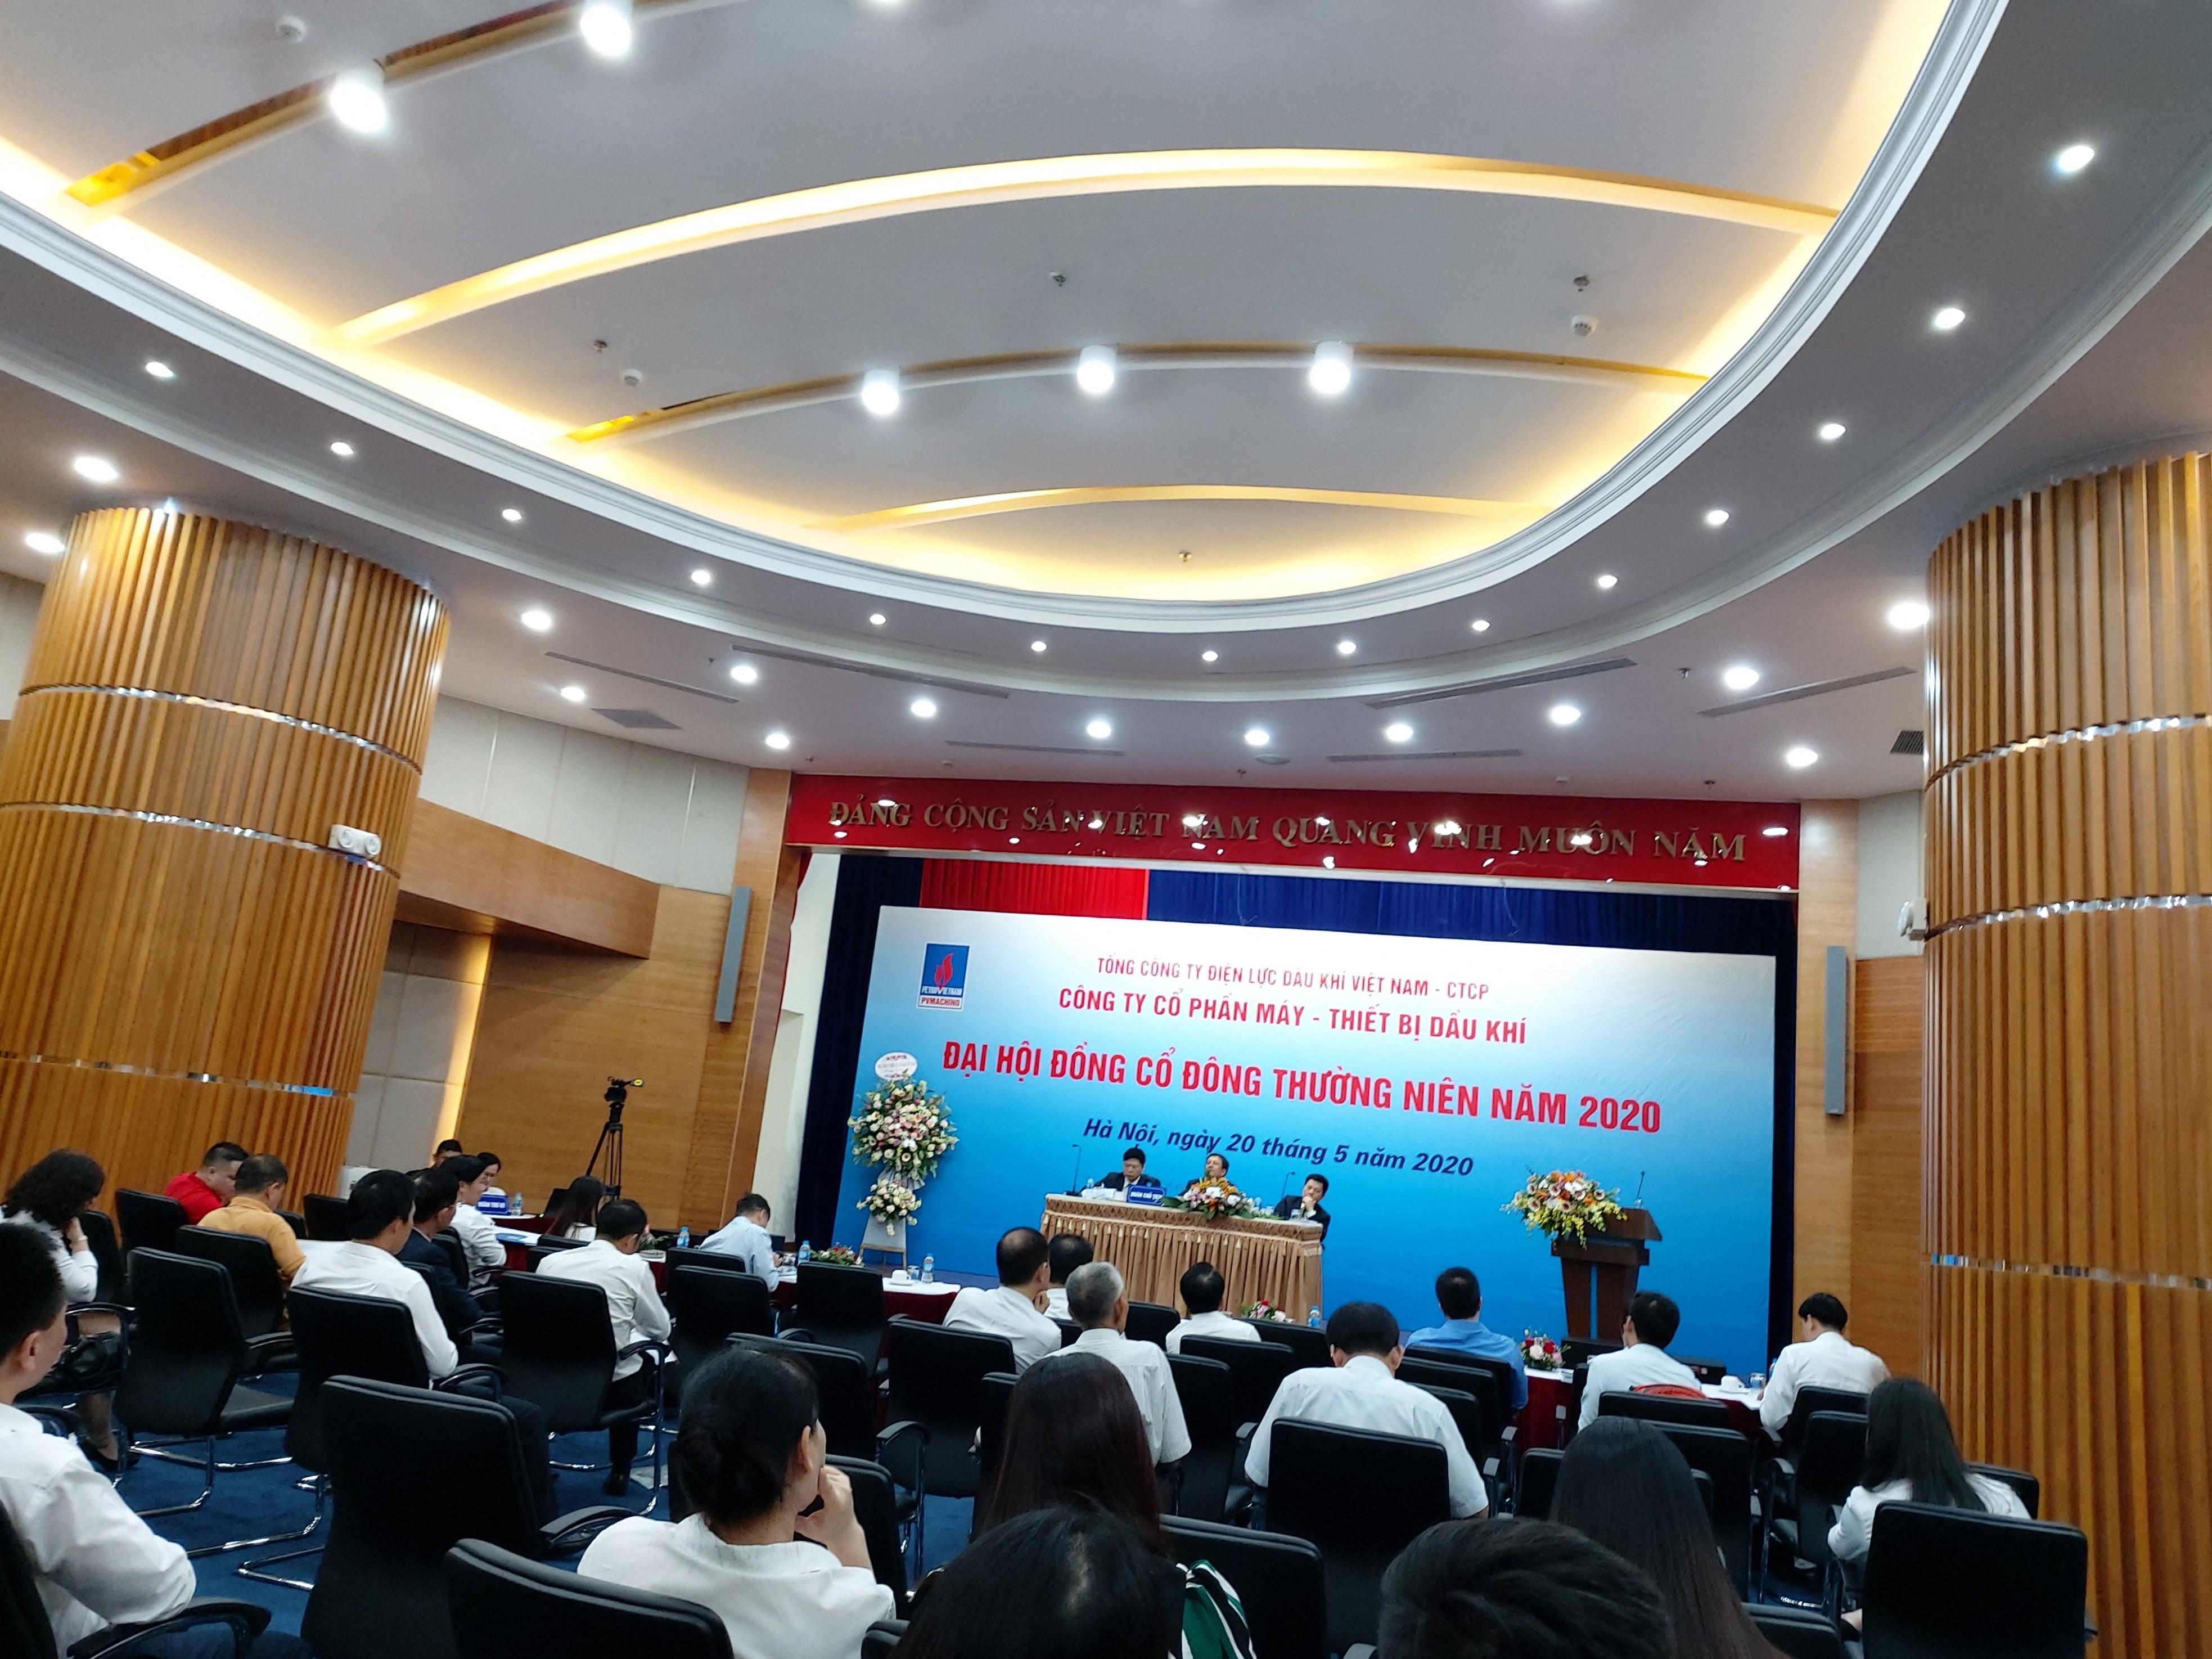 Nhân sự từ Quản lí quĩ Bảo Việt và Chứng khoán Sài Gòn - Hà Nội vào HĐQT PV Machino - Ảnh 1.